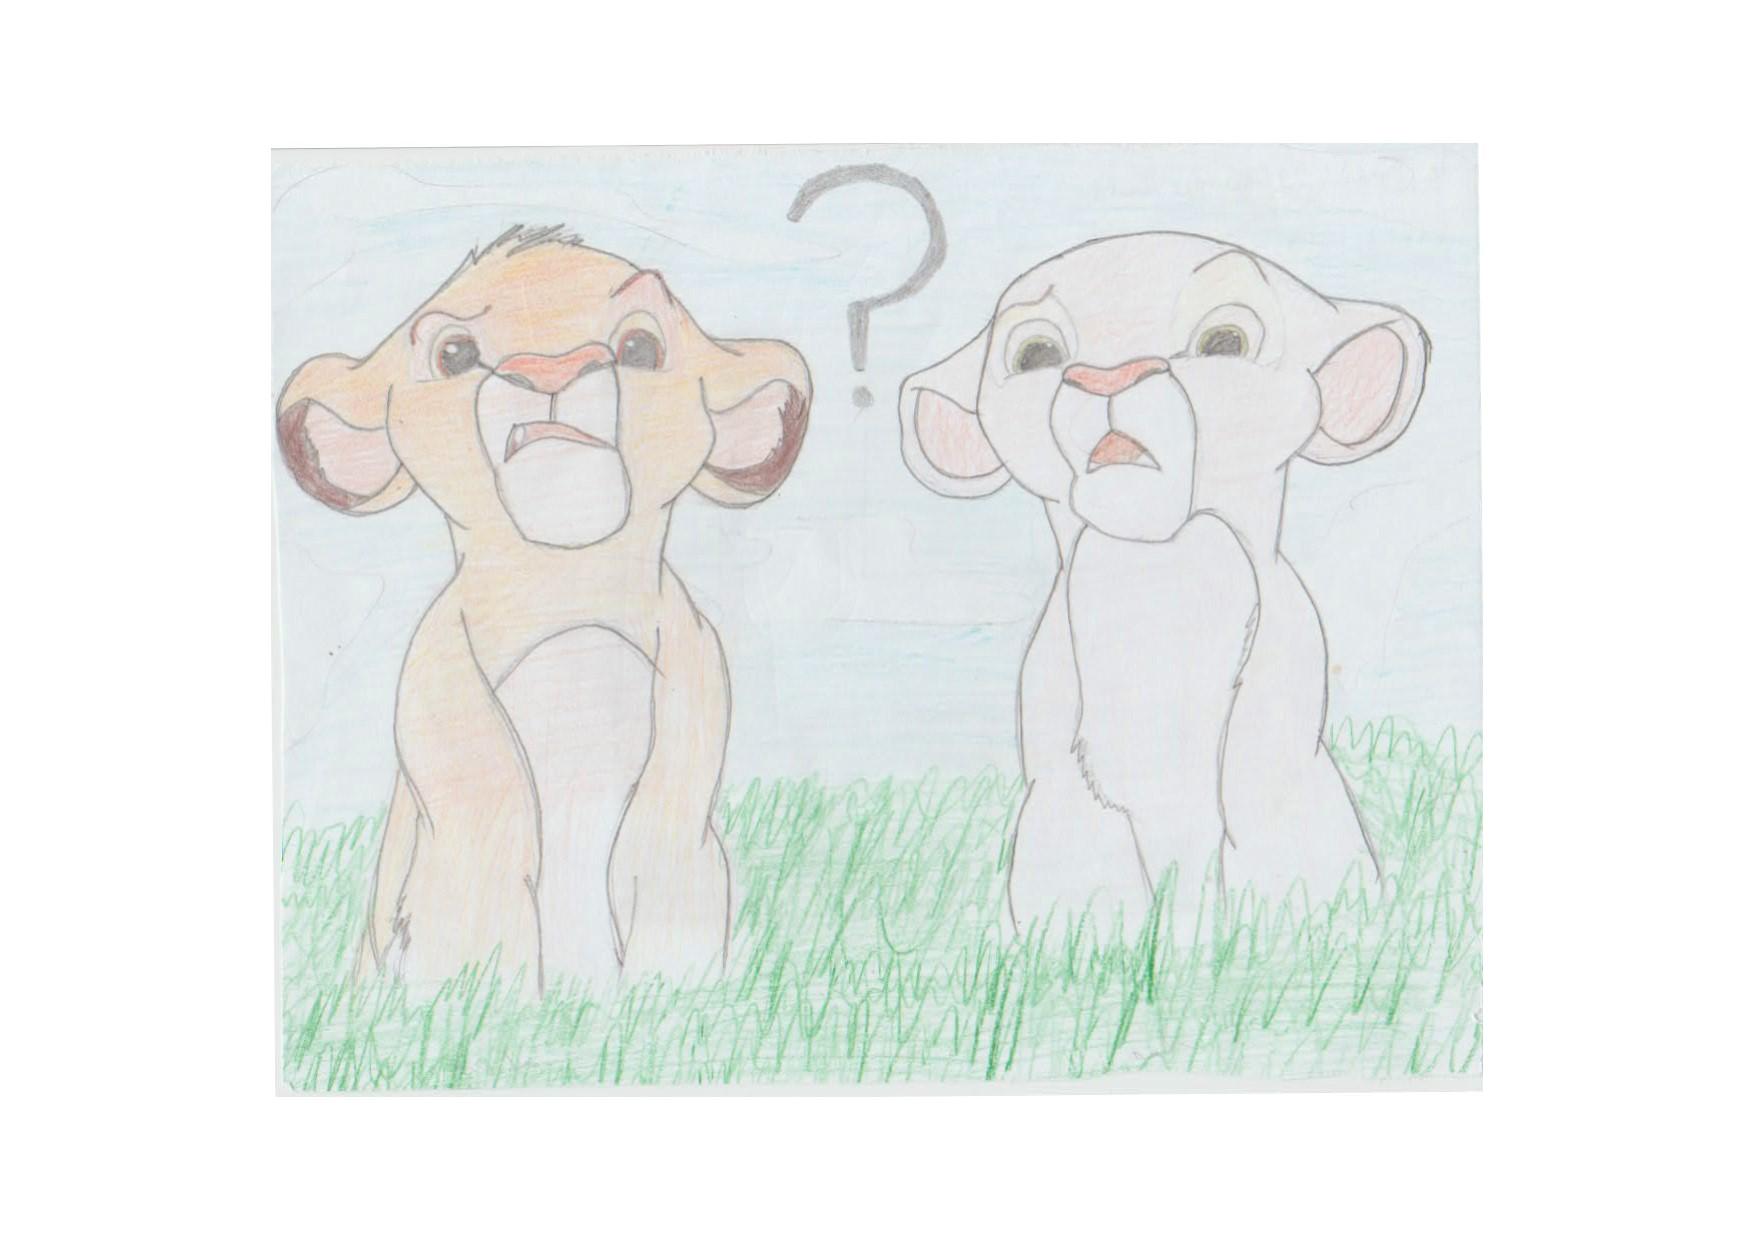 LionKingSimbaNala